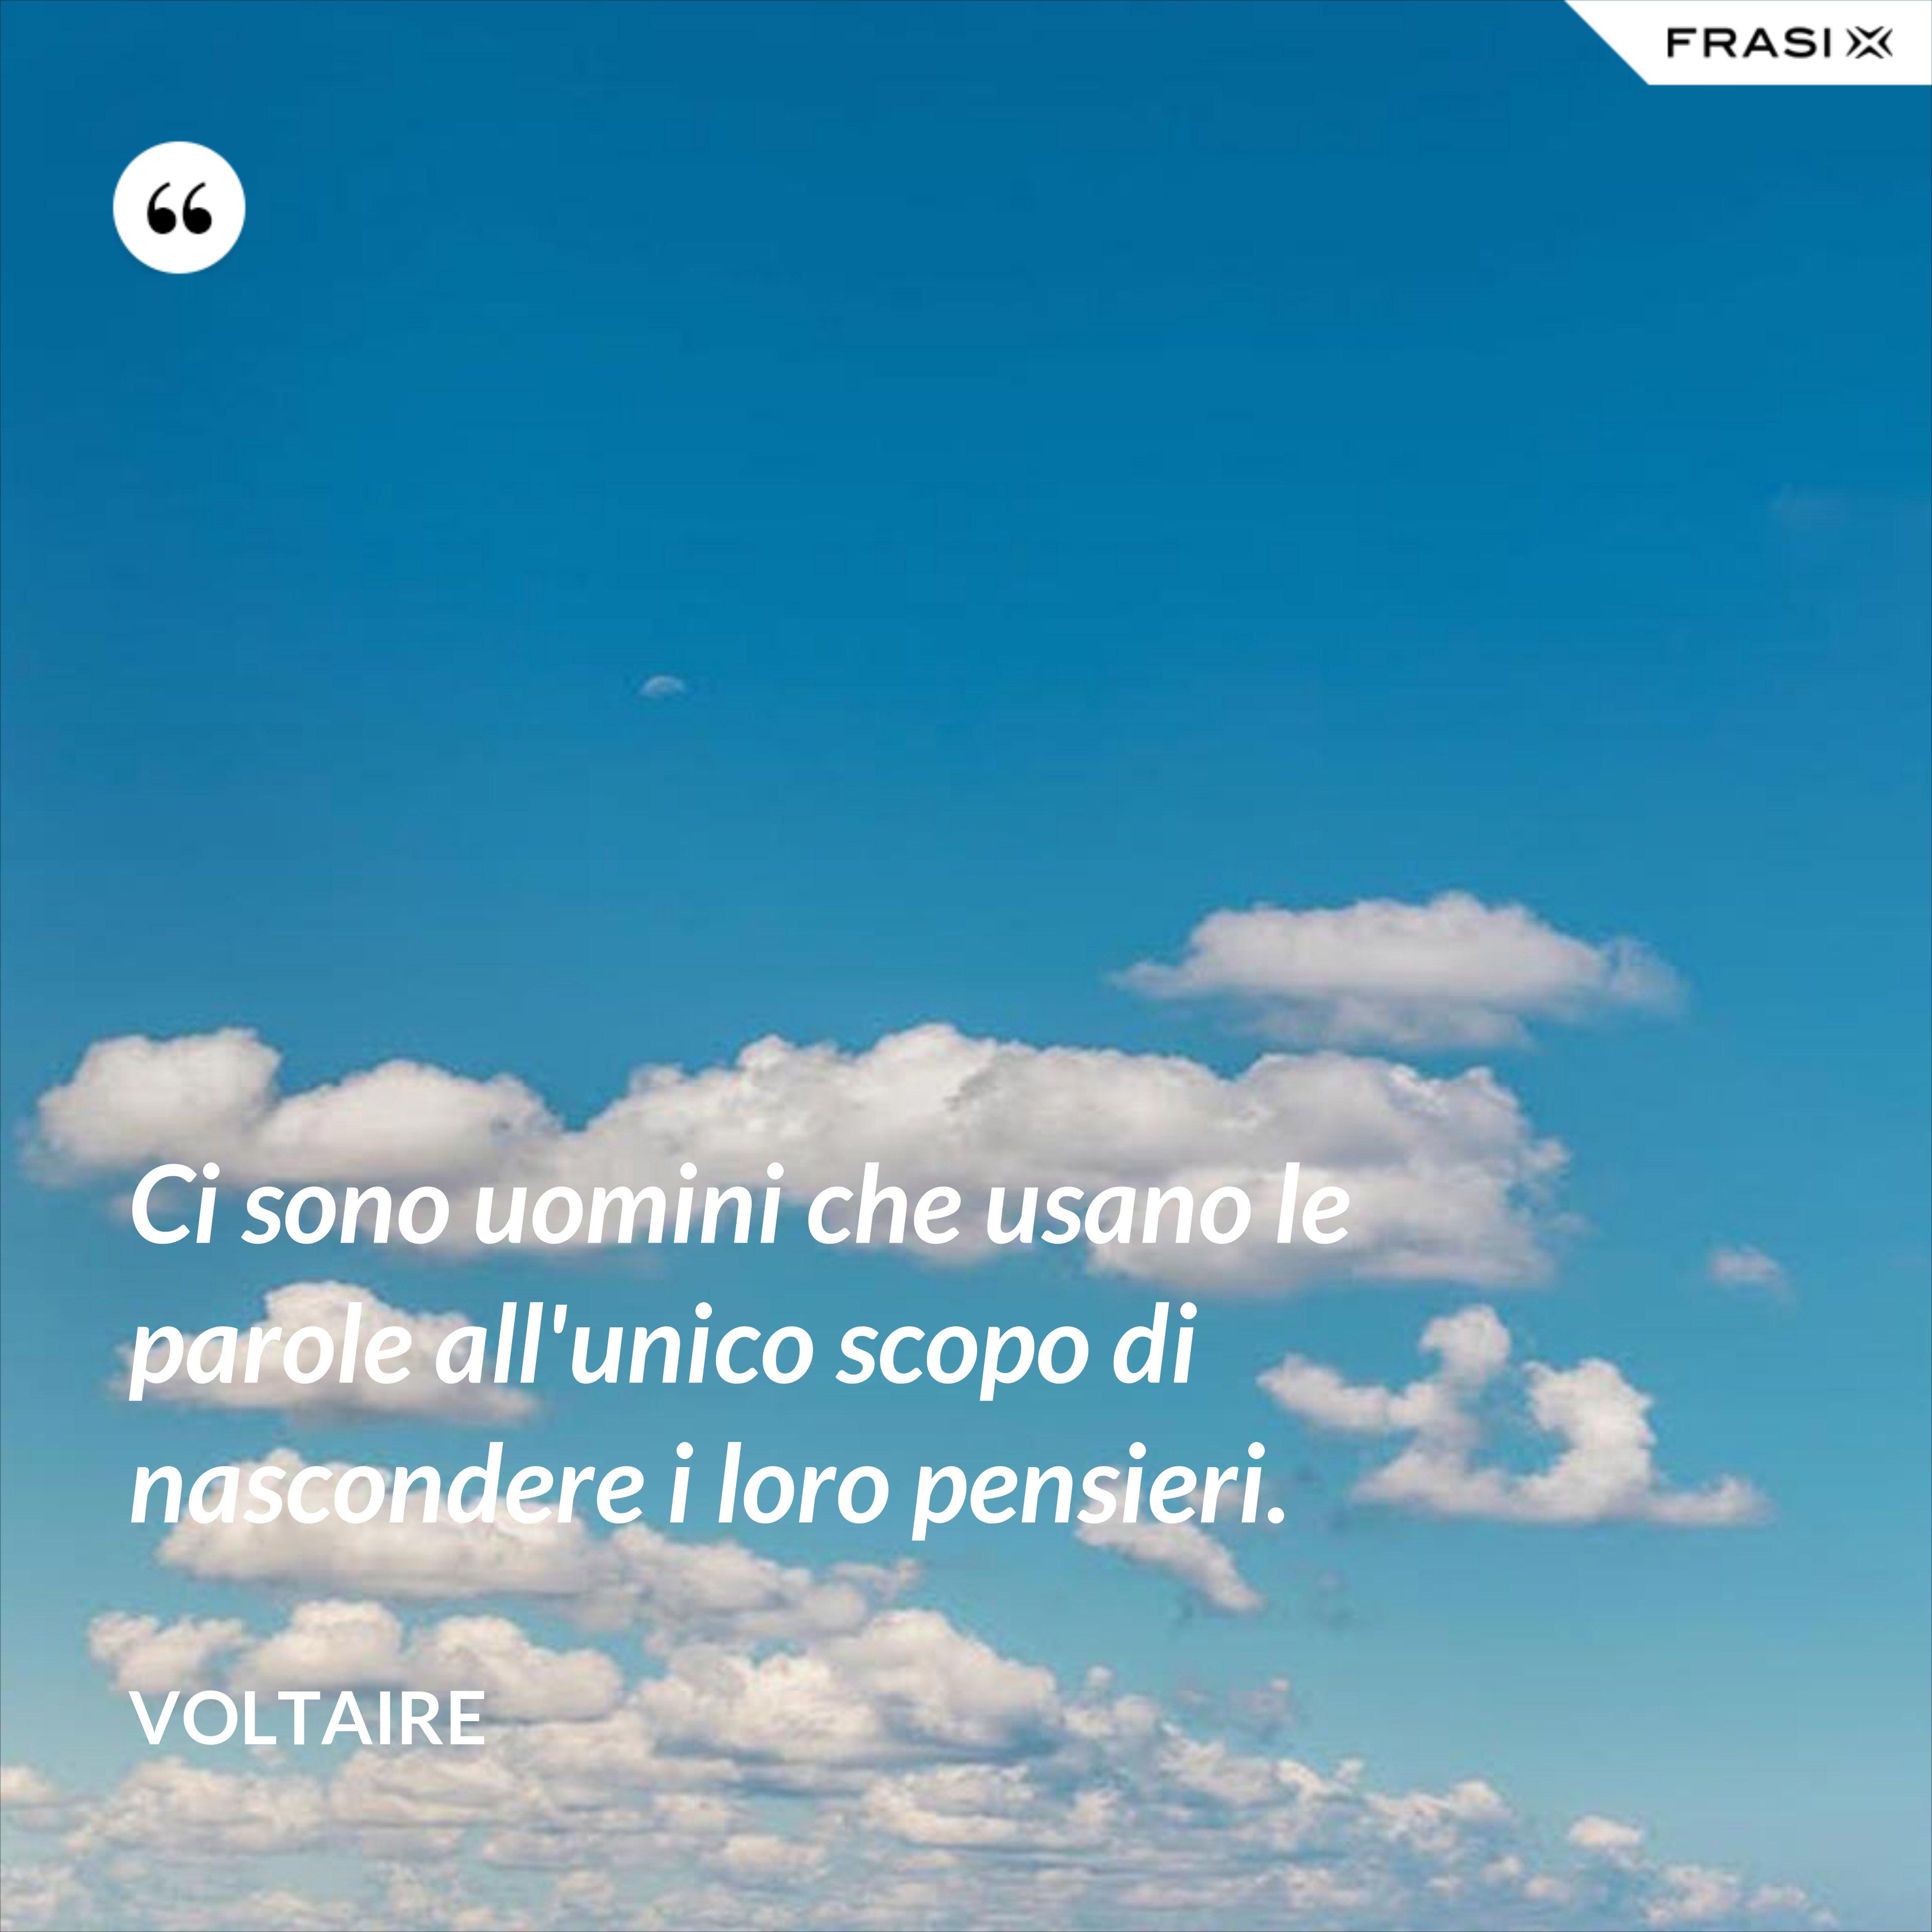 Ci sono uomini che usano le parole all'unico scopo di nascondere i loro pensieri. - Voltaire